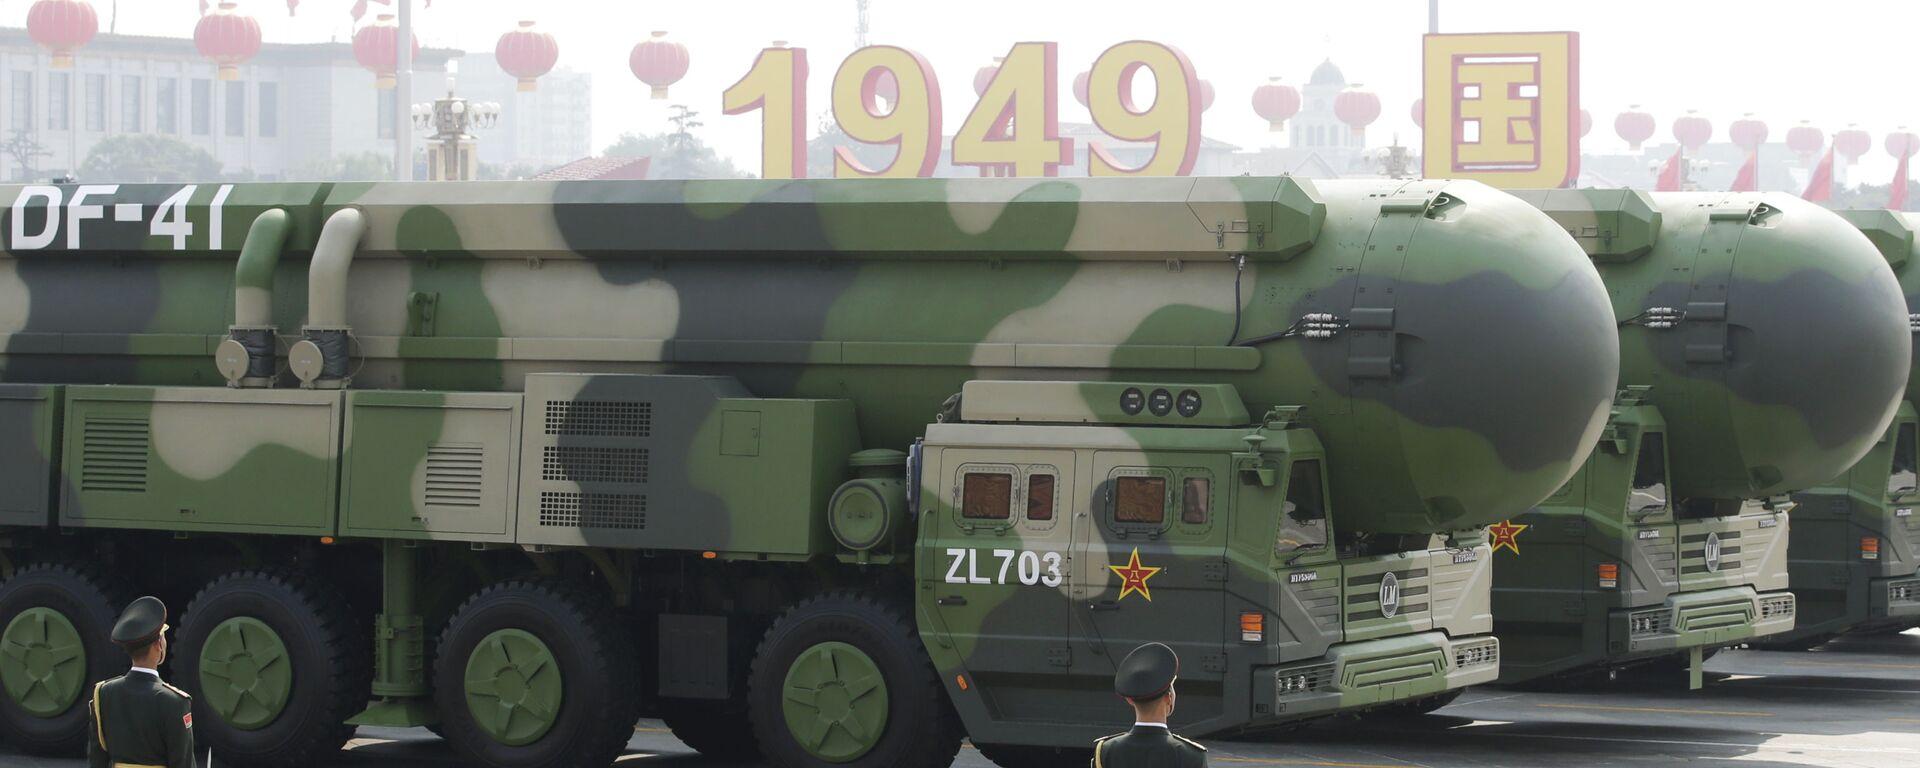 Čínský mezikontinentální raketomet DF-41 - Sputnik Česká republika, 1920, 01.05.2021